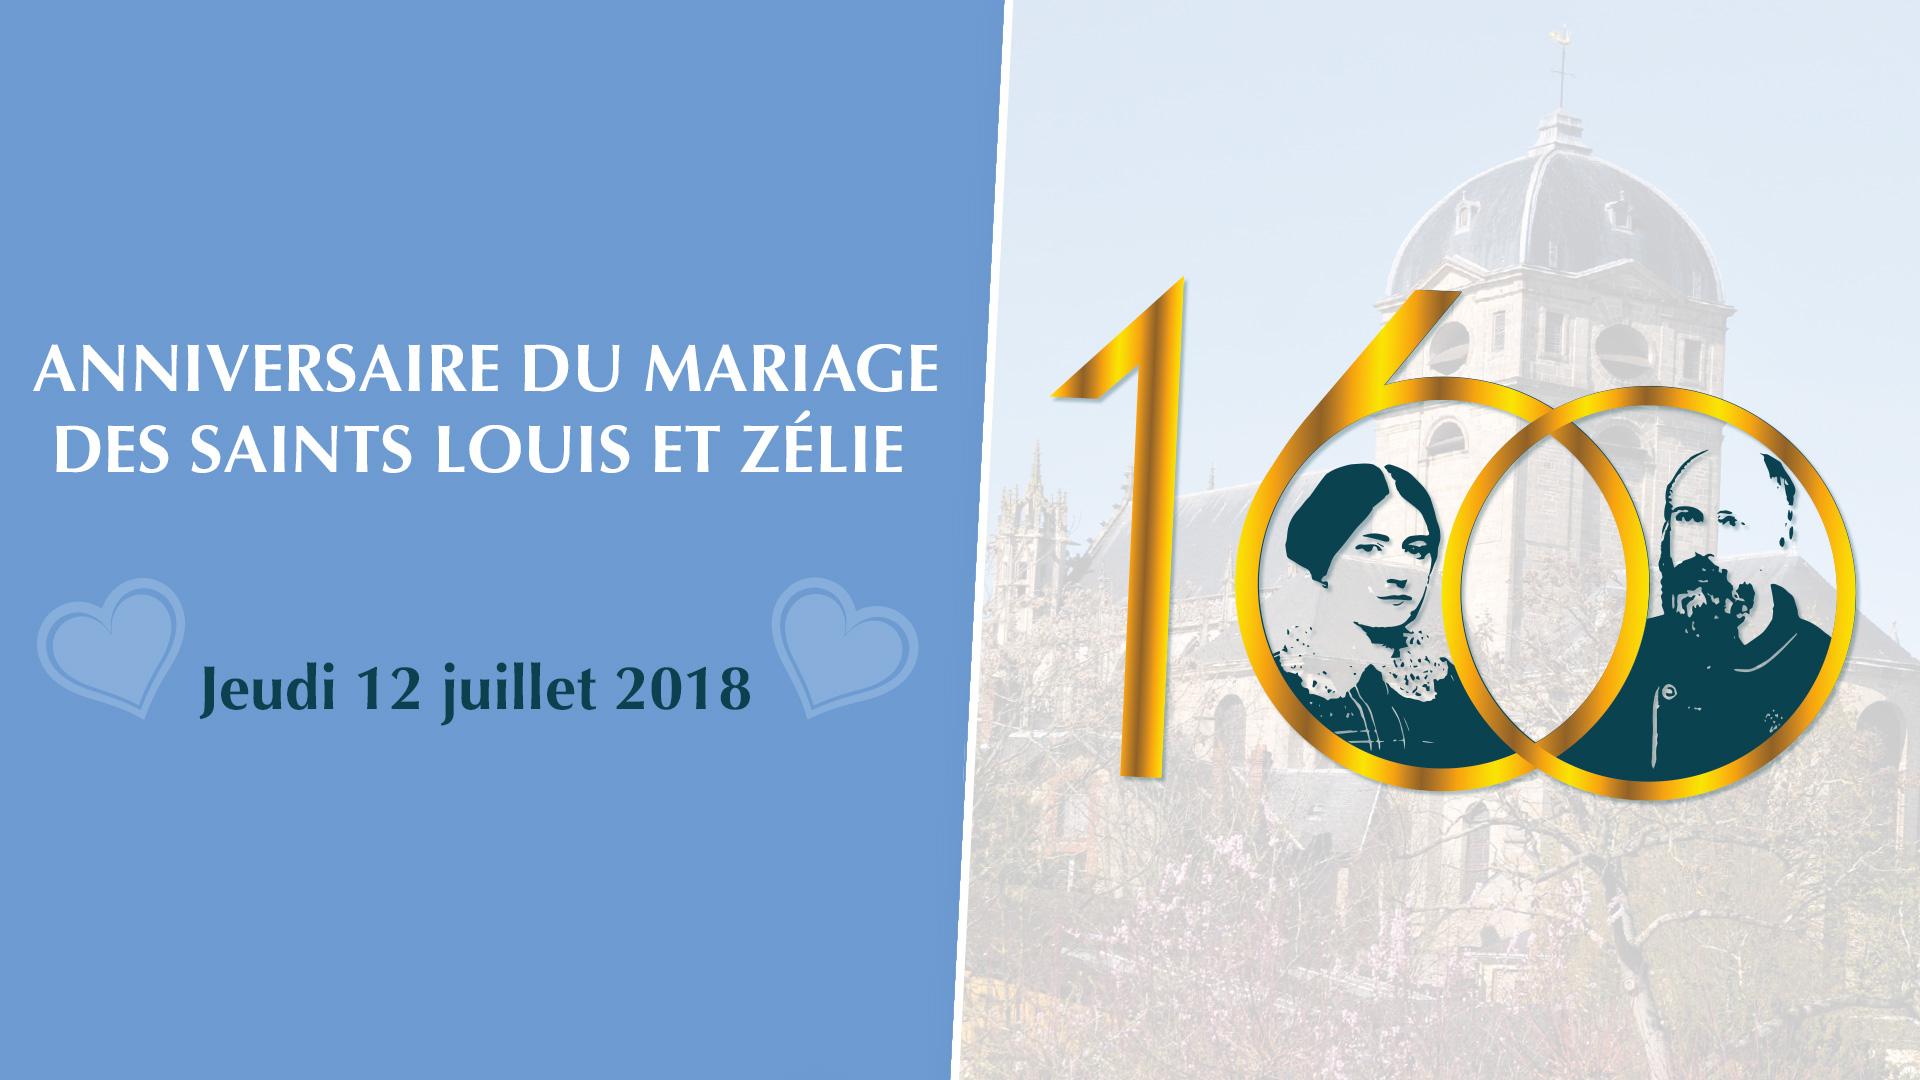 160e anniversaire du mariage des saints Louis et Zélie le 12 juillet 2018 au Sanctuaire d'Alençon (61)